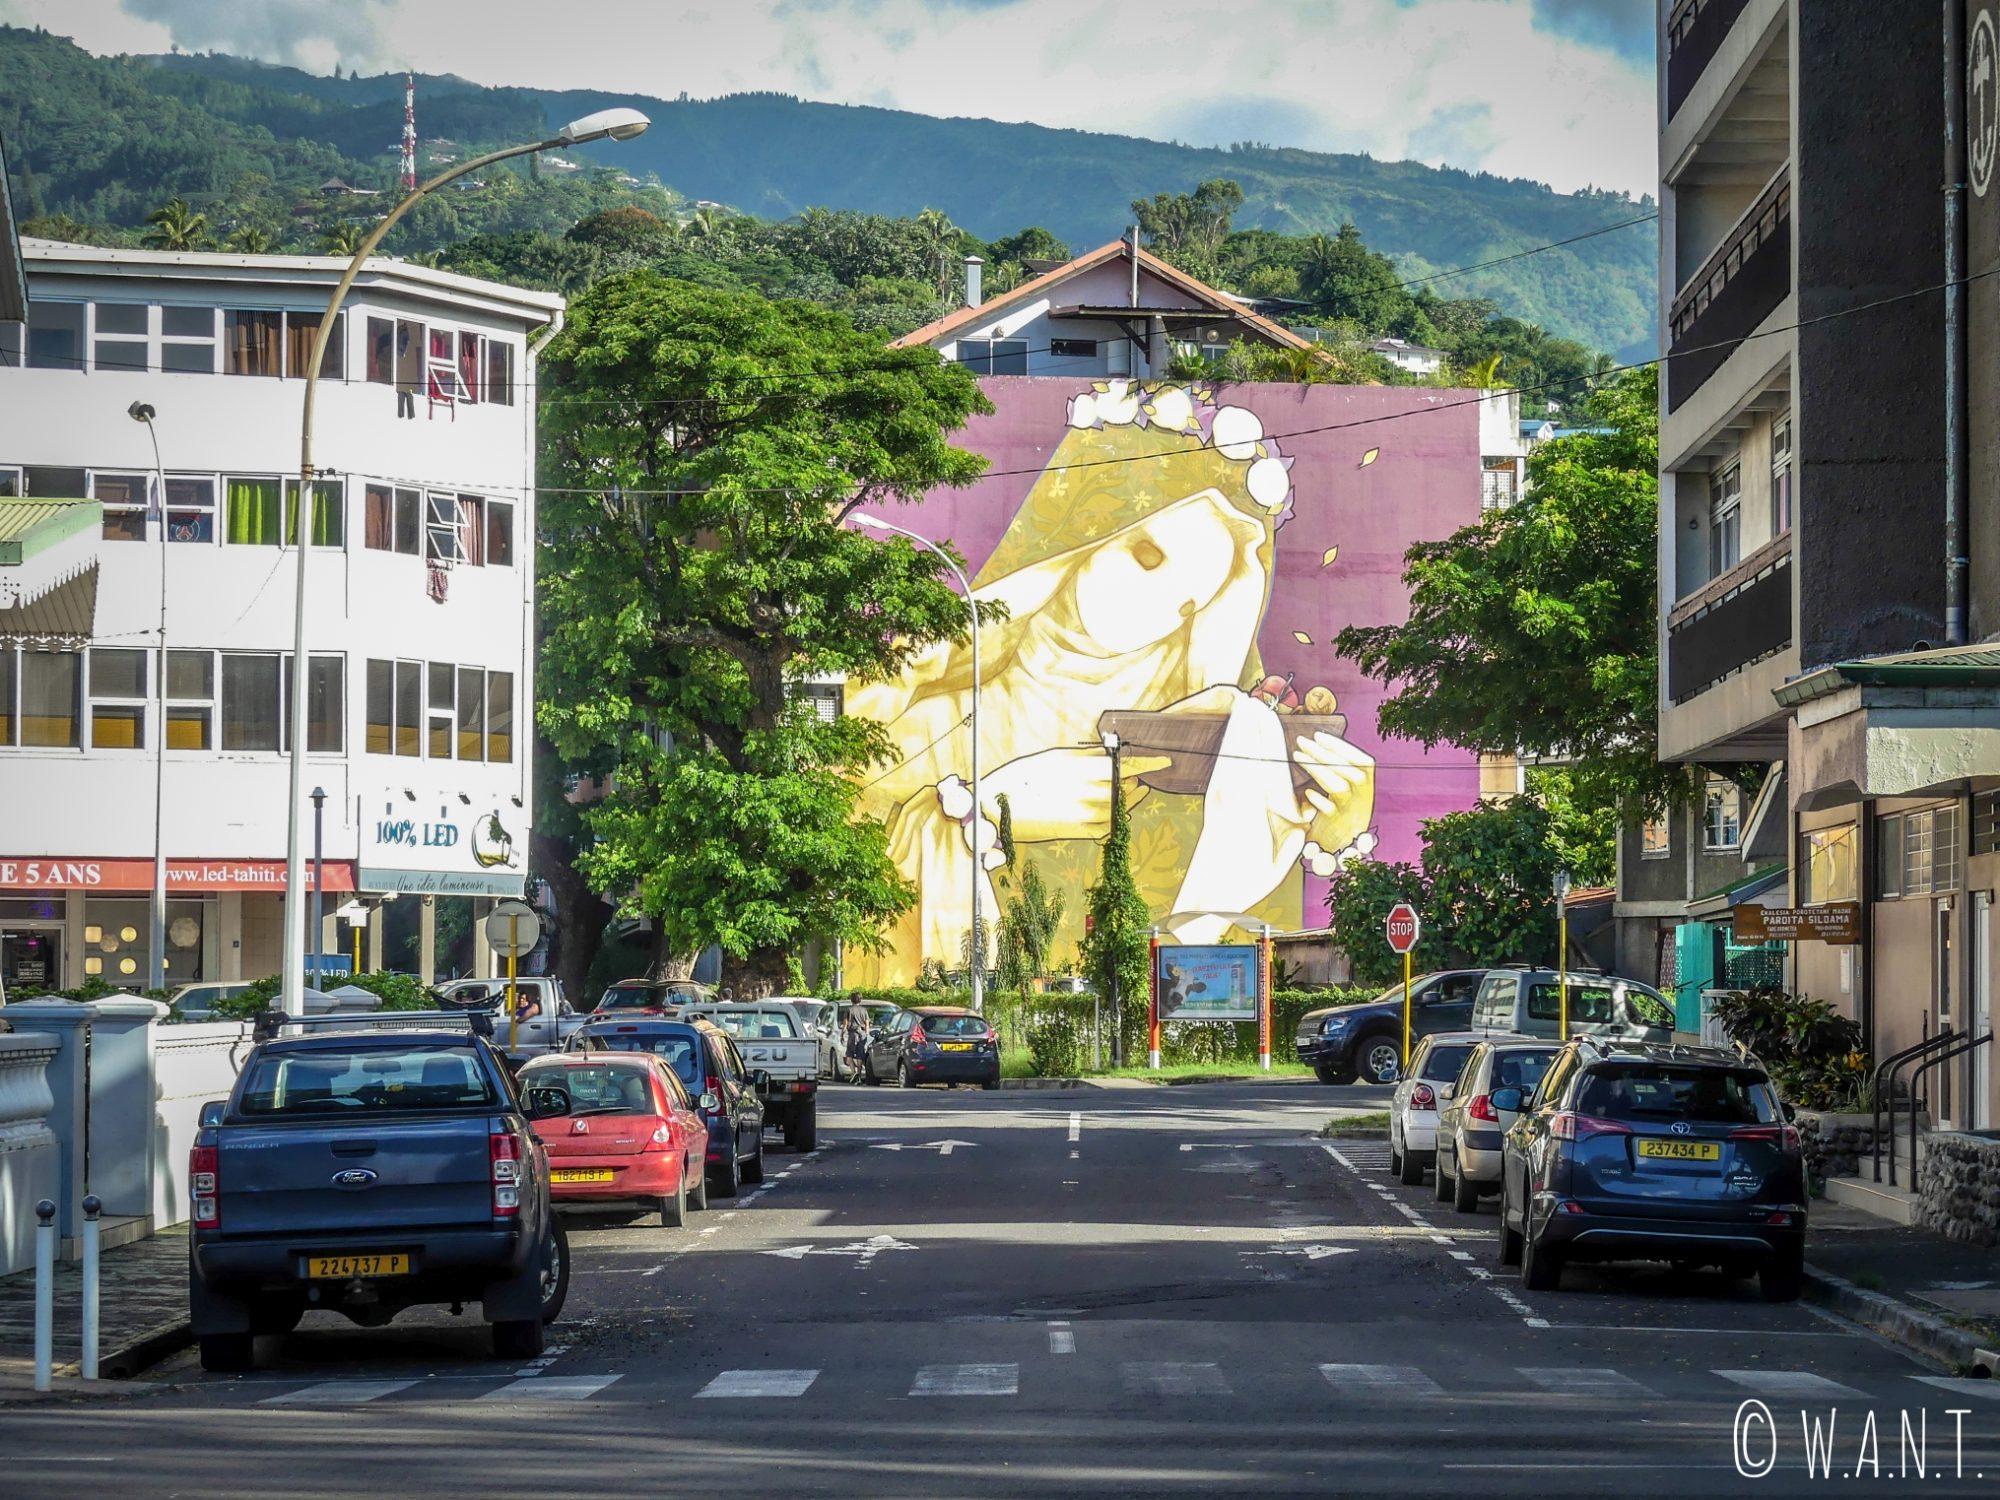 Fresque dans les rues de Papeete sur l'île de Tahiti